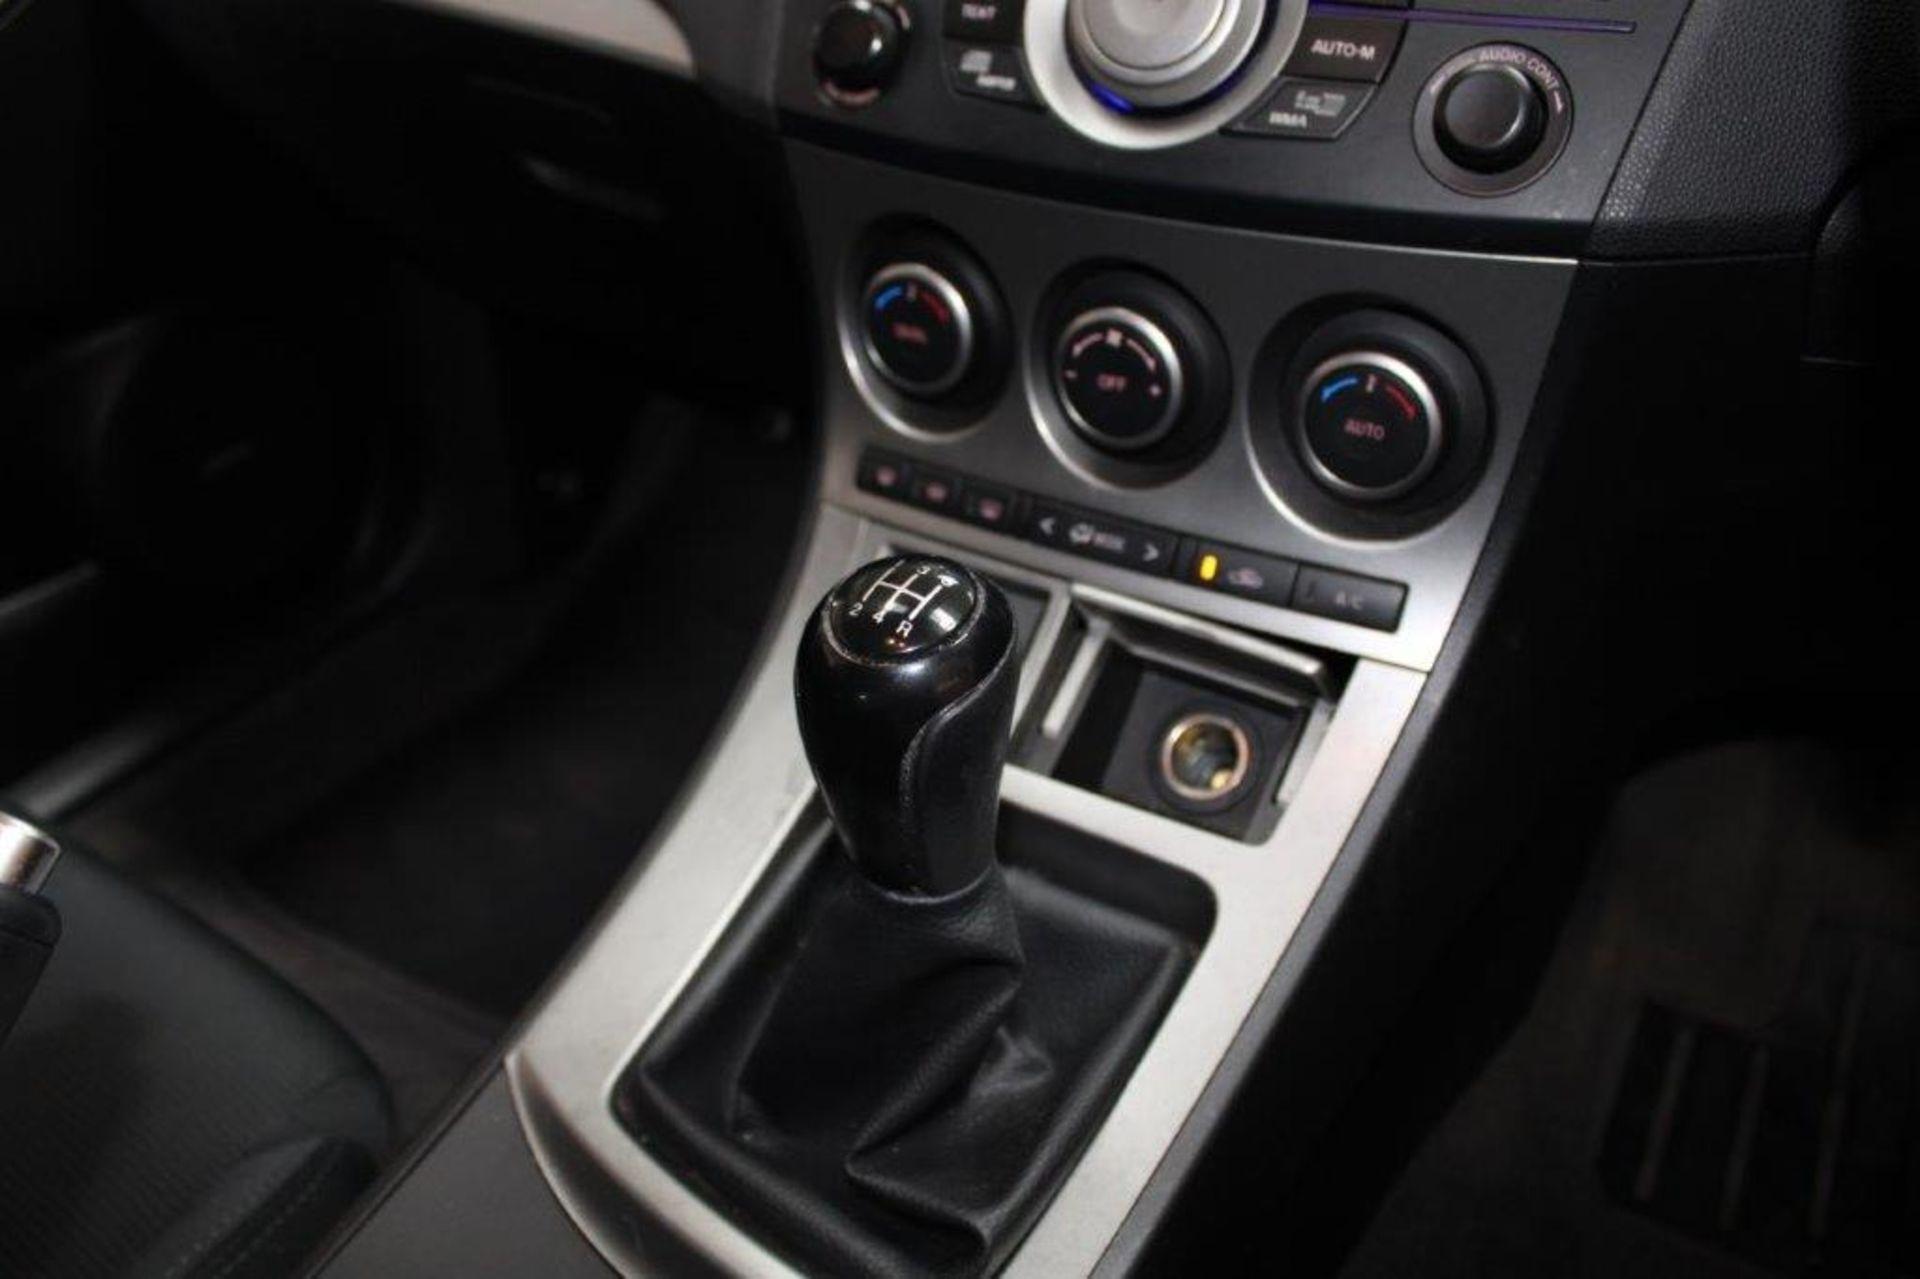 60 11 Mazda 3 Sport - Image 26 of 26